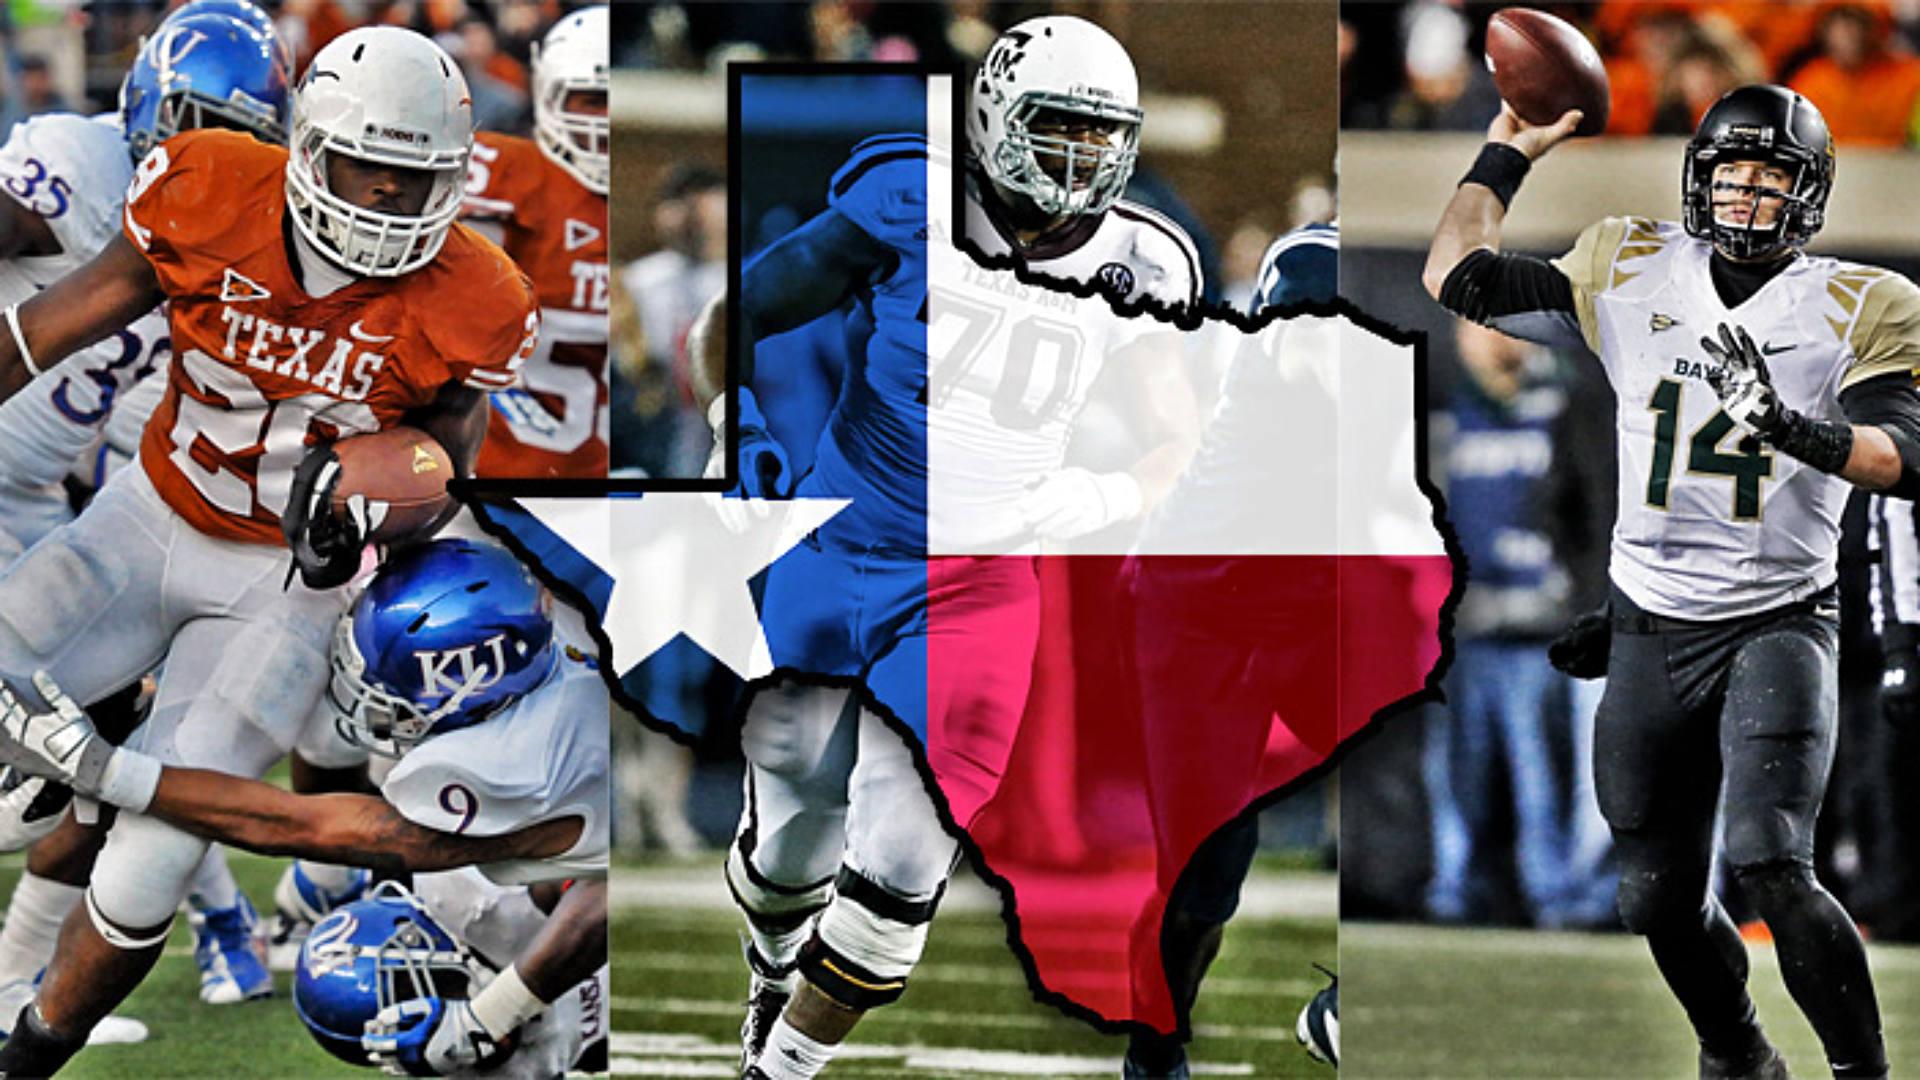 Texas-football-FTR-063014-AP